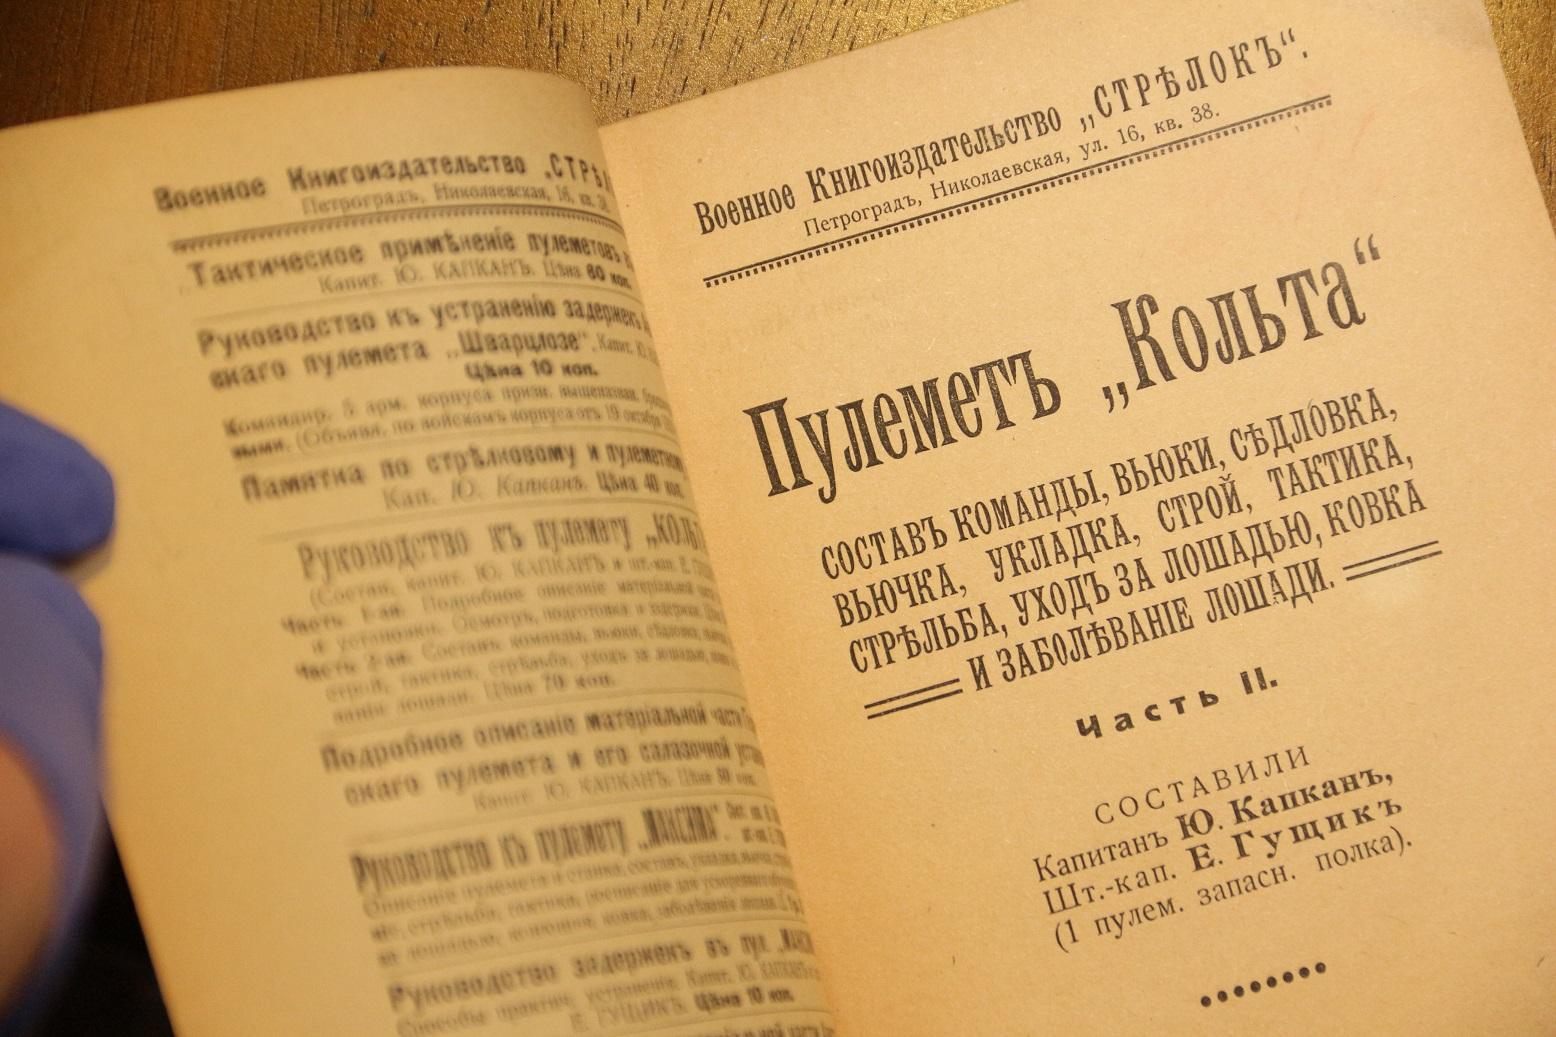 """Пулемет """"Кольта"""", 1917 год, военное книгоиздательство """"СТРЕЛОКЪ"""", Петроград"""